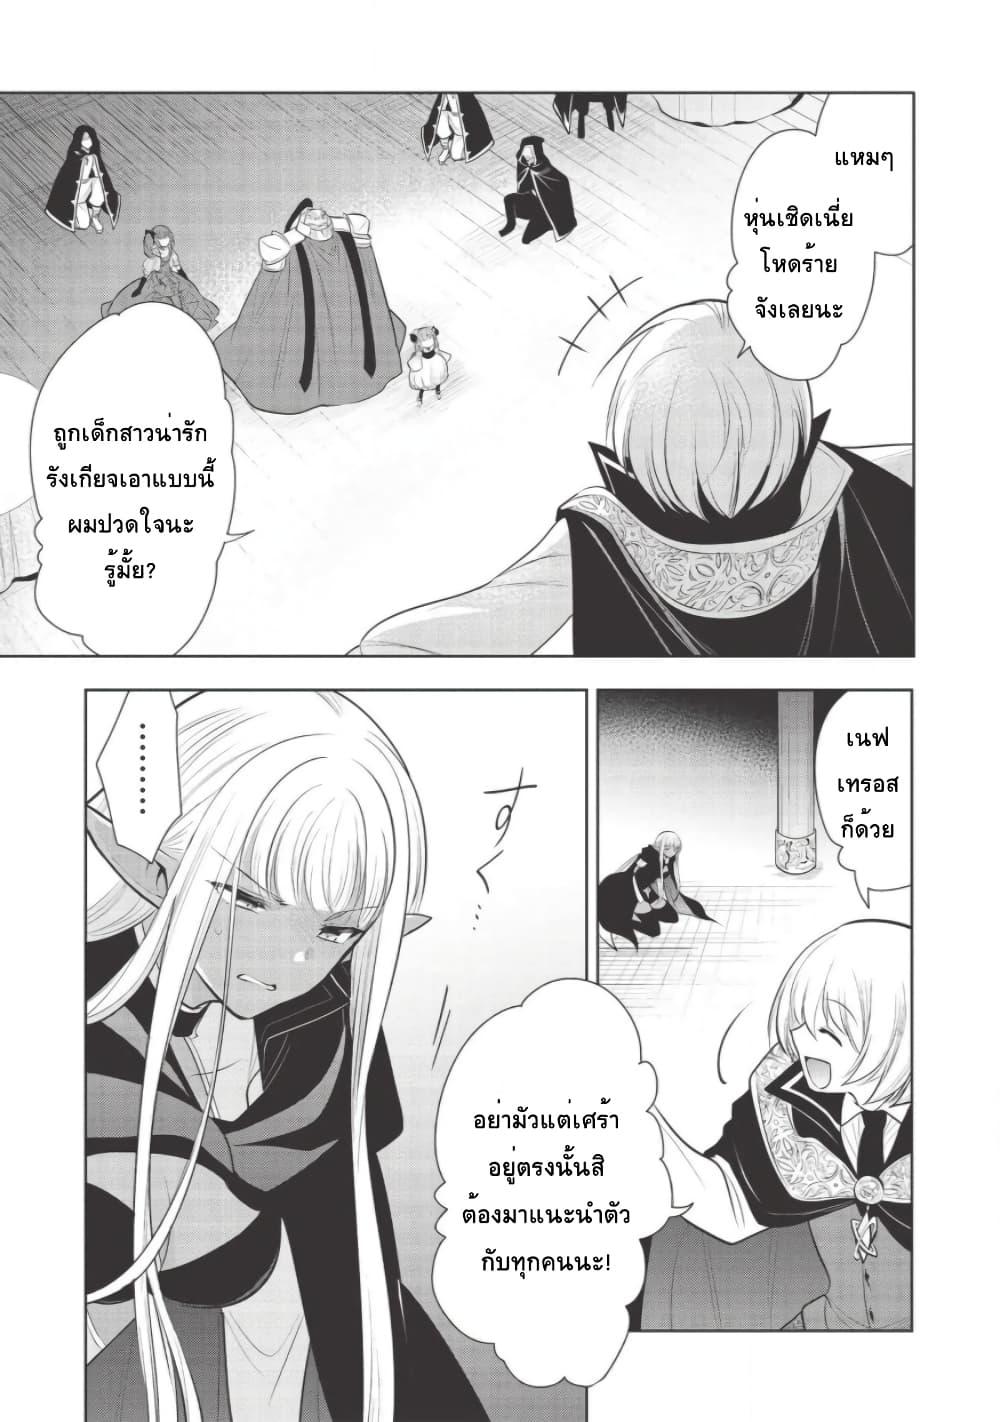 อ่านการ์ตูน Maou no Ore ga Dorei Elf wo Yome ni Shitanda ga Dou Medereba Ii ตอนที่ 30 หน้าที่ 3